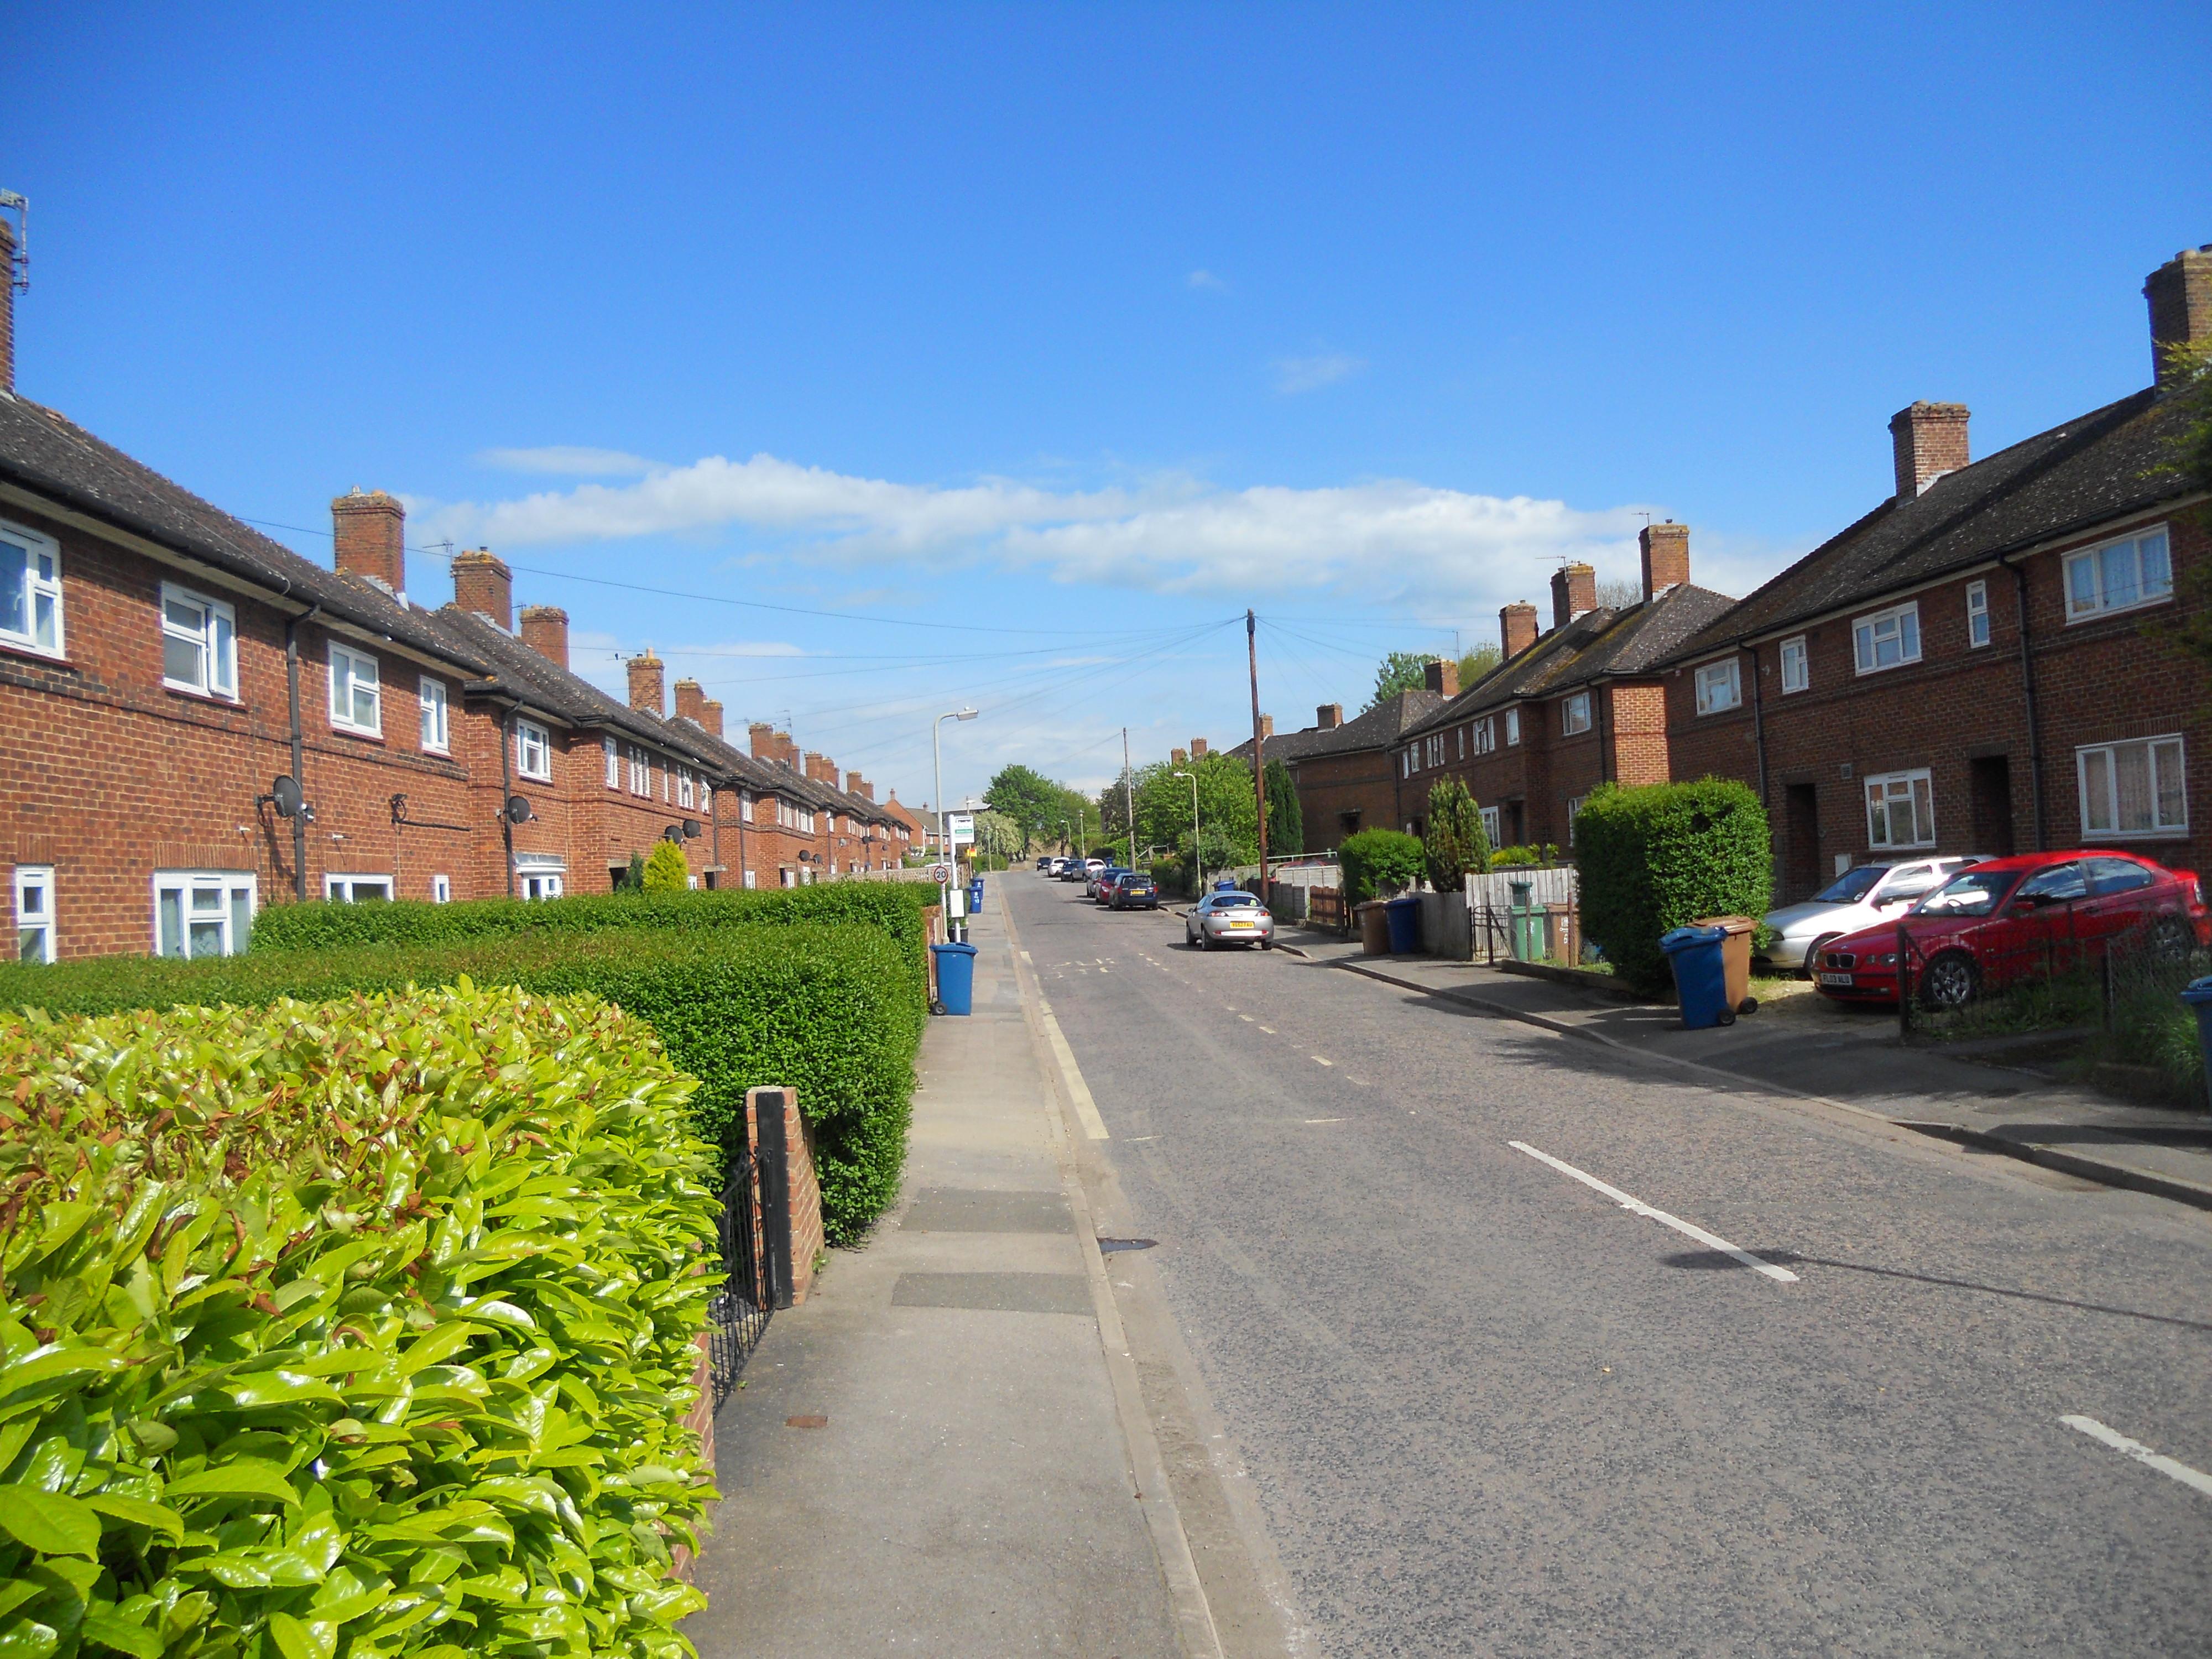 район, где жил в Оксфорде